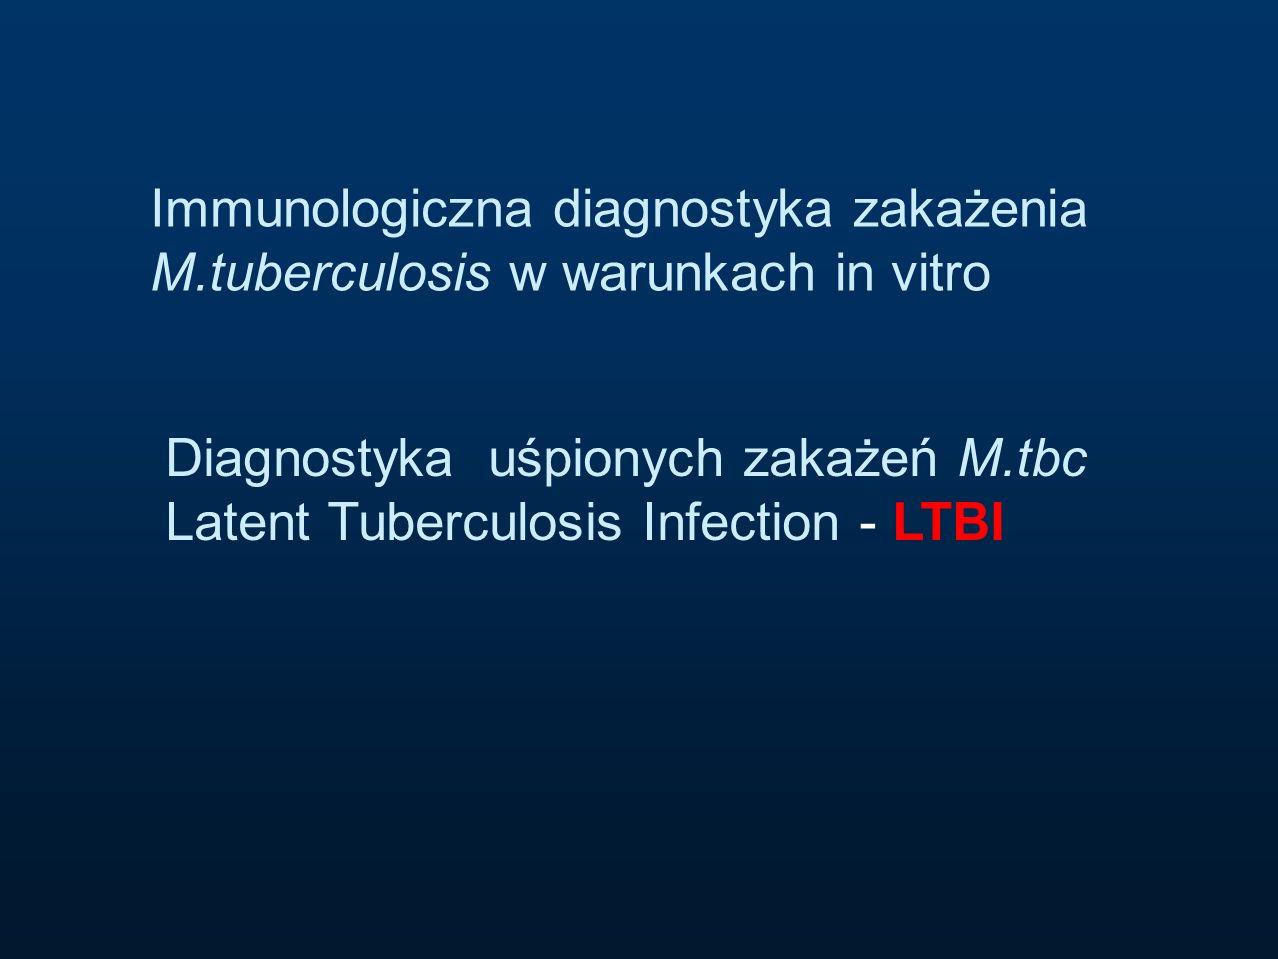 Immunologiczna diagnostyka zakażenia M